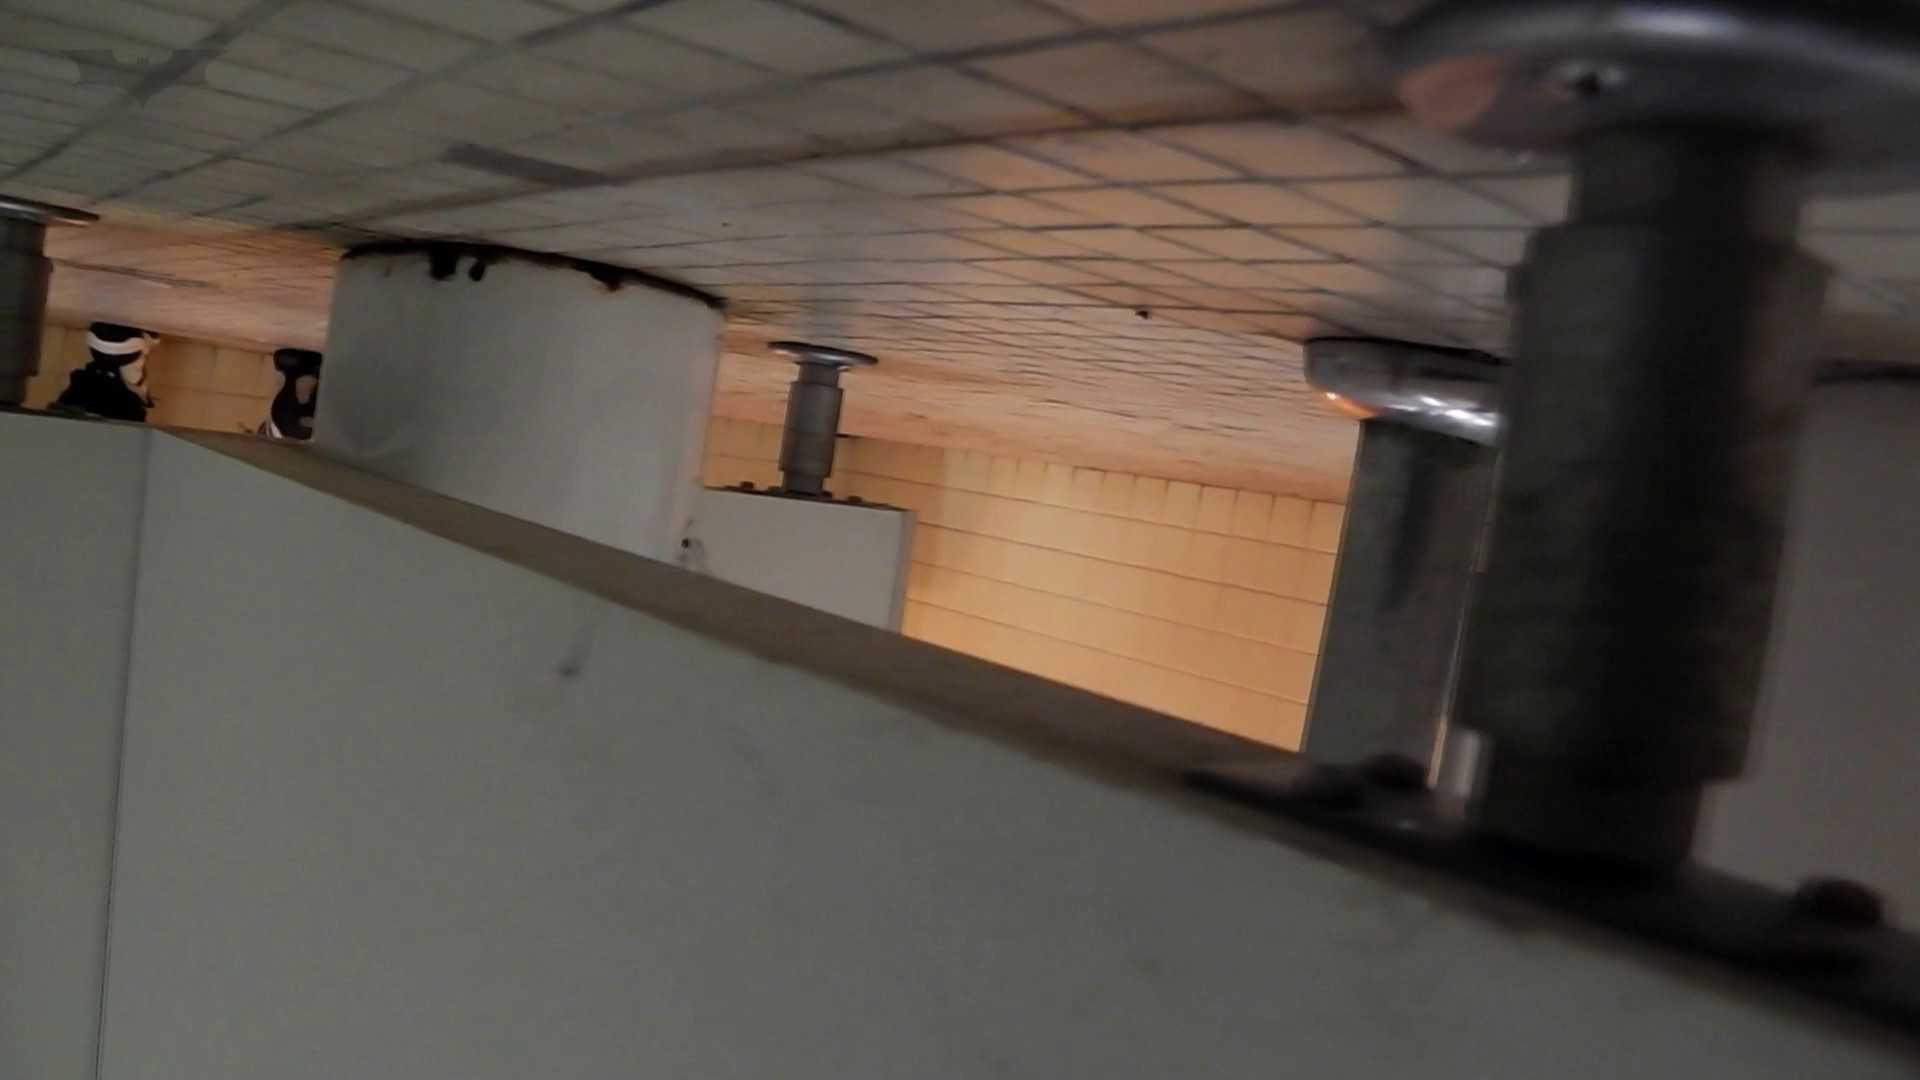 第三体育館潜入撮File015 「進化」の最後に登場した美人がついに入室! マンコ おめこ無修正画像 99画像 32